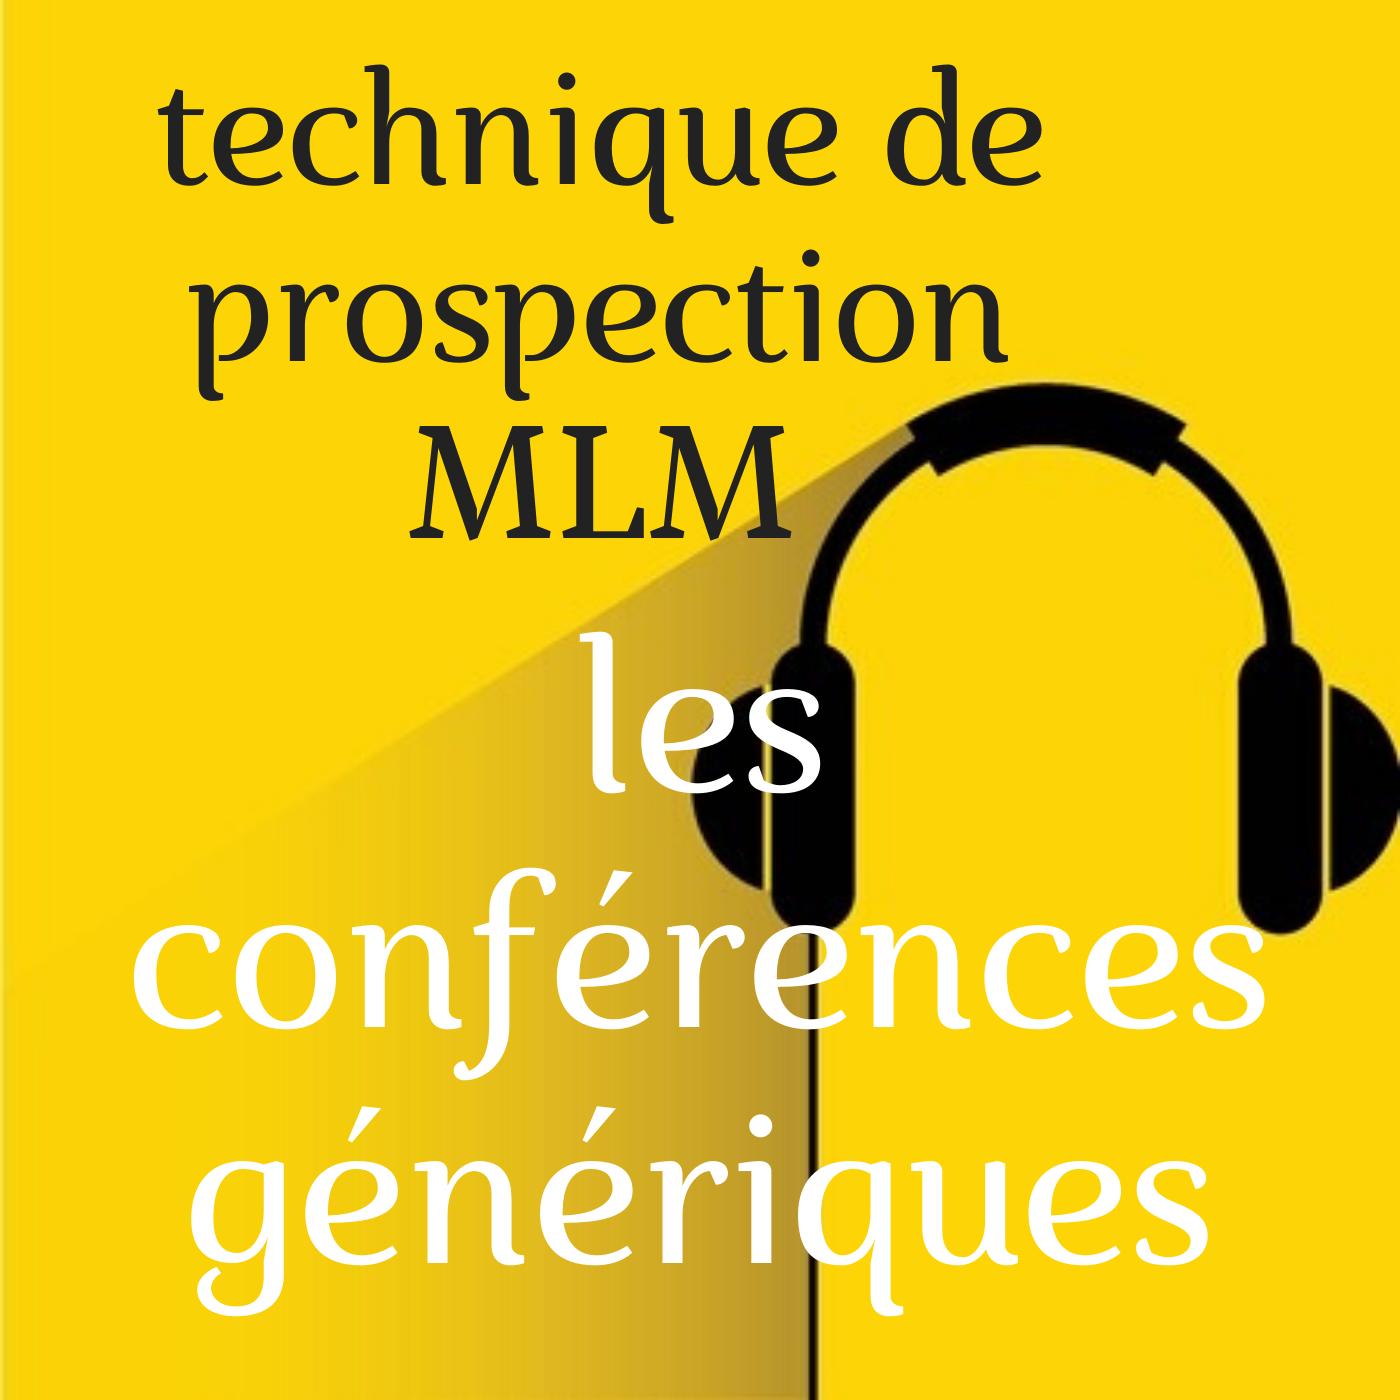 Technique de prospection : en MLM, les conférences génériques.